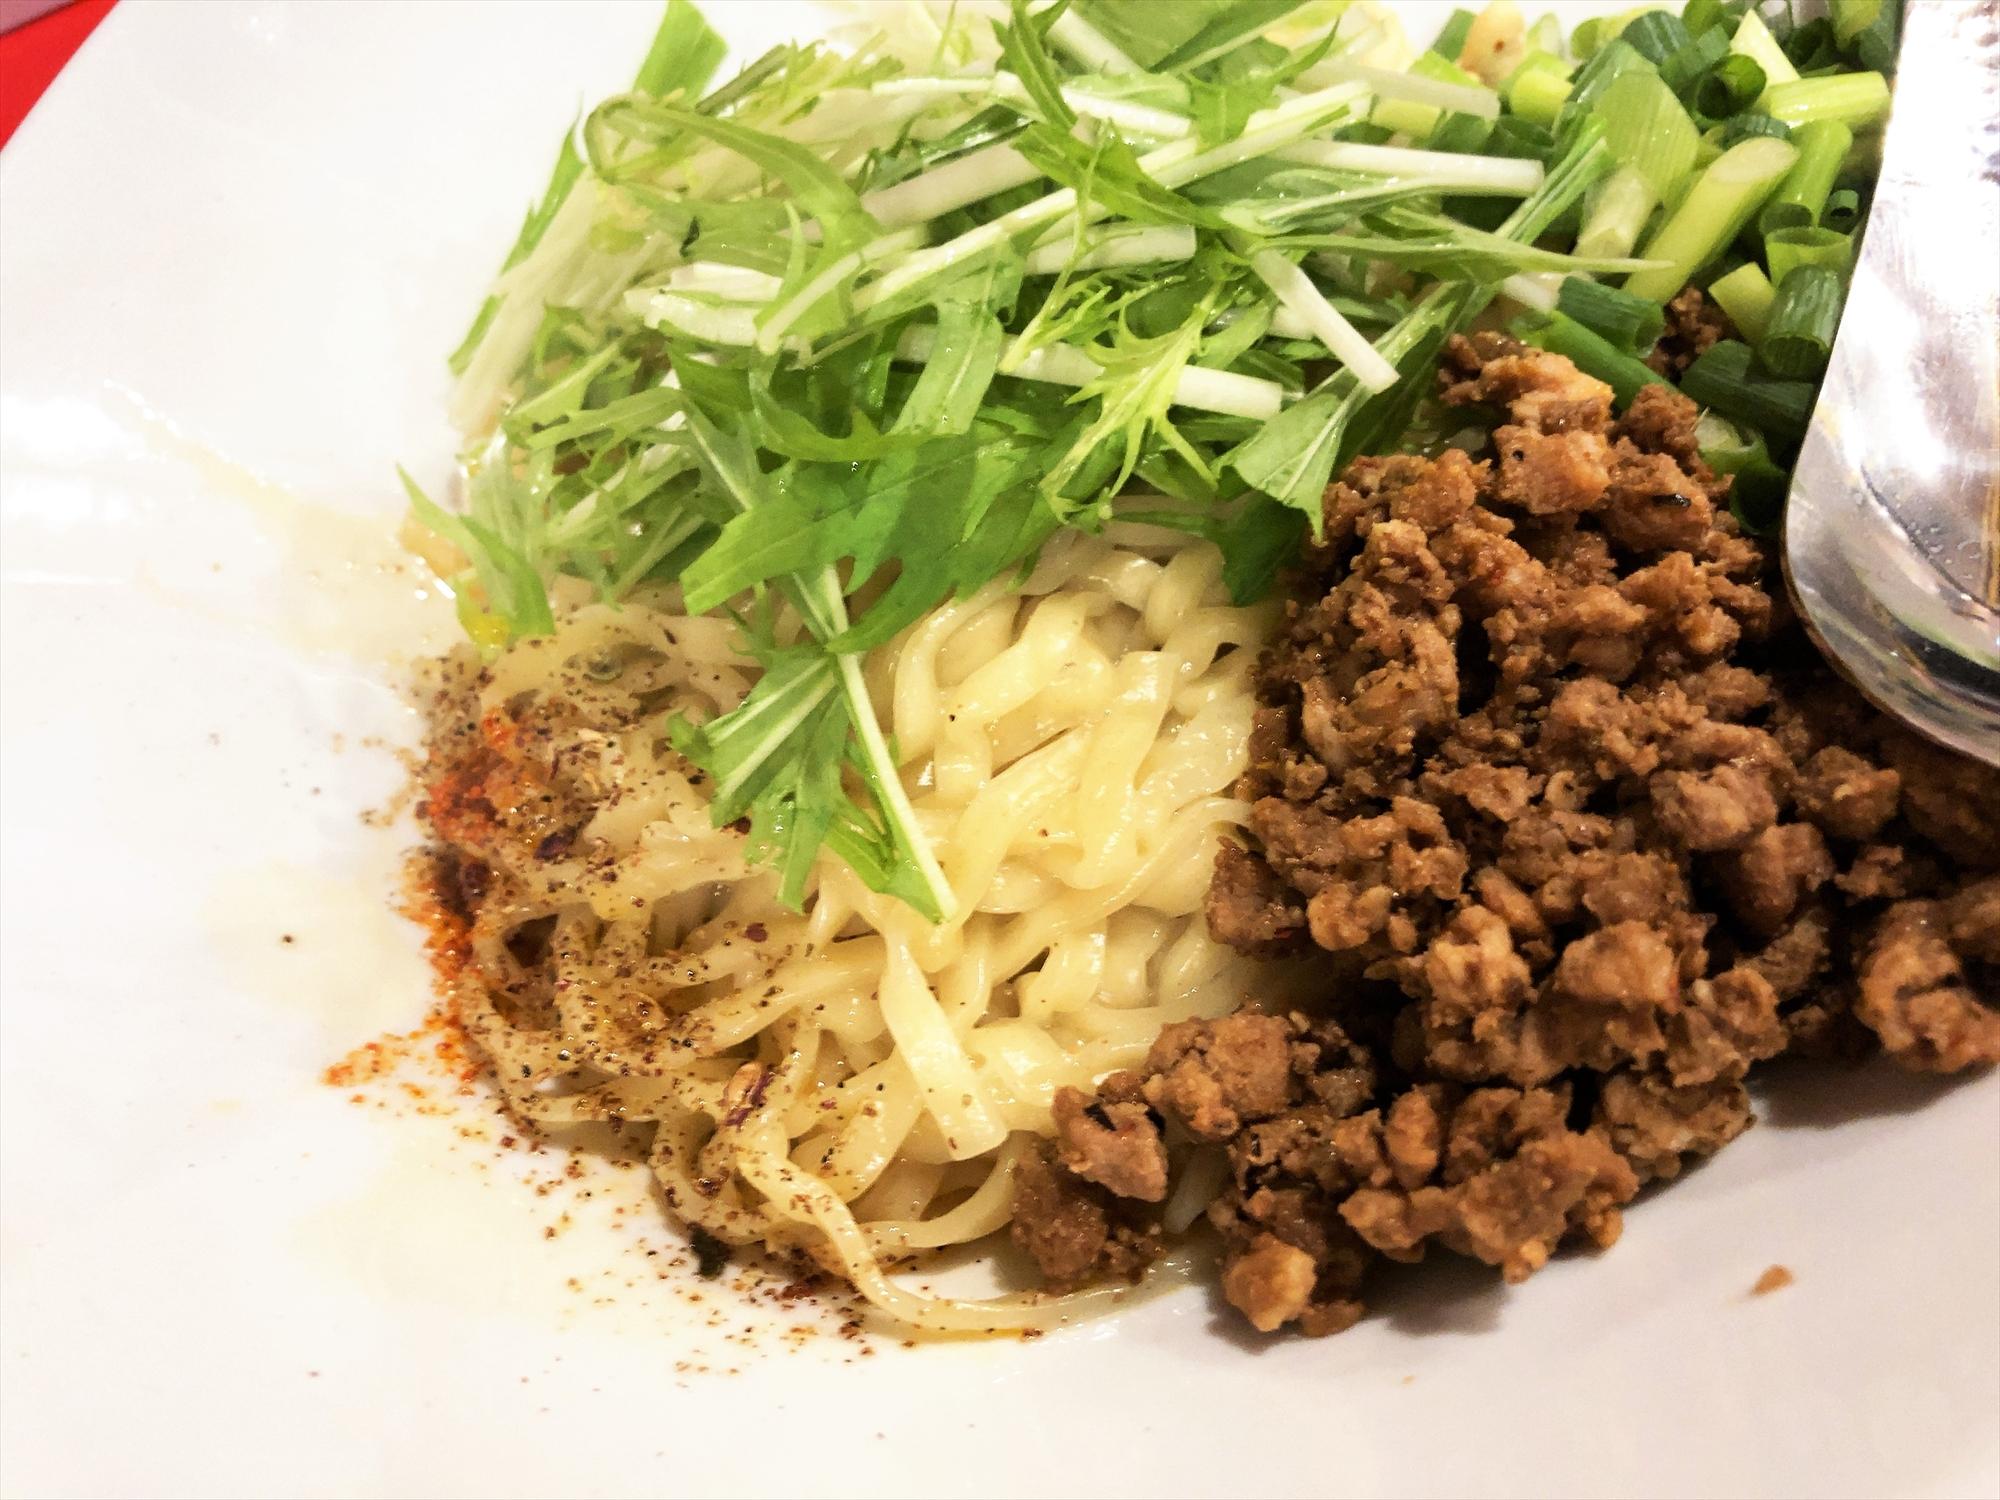 汁なし担々麺っぽい専門店 ラボラトリー「ラボタン(辛さ2、痺れ3)」